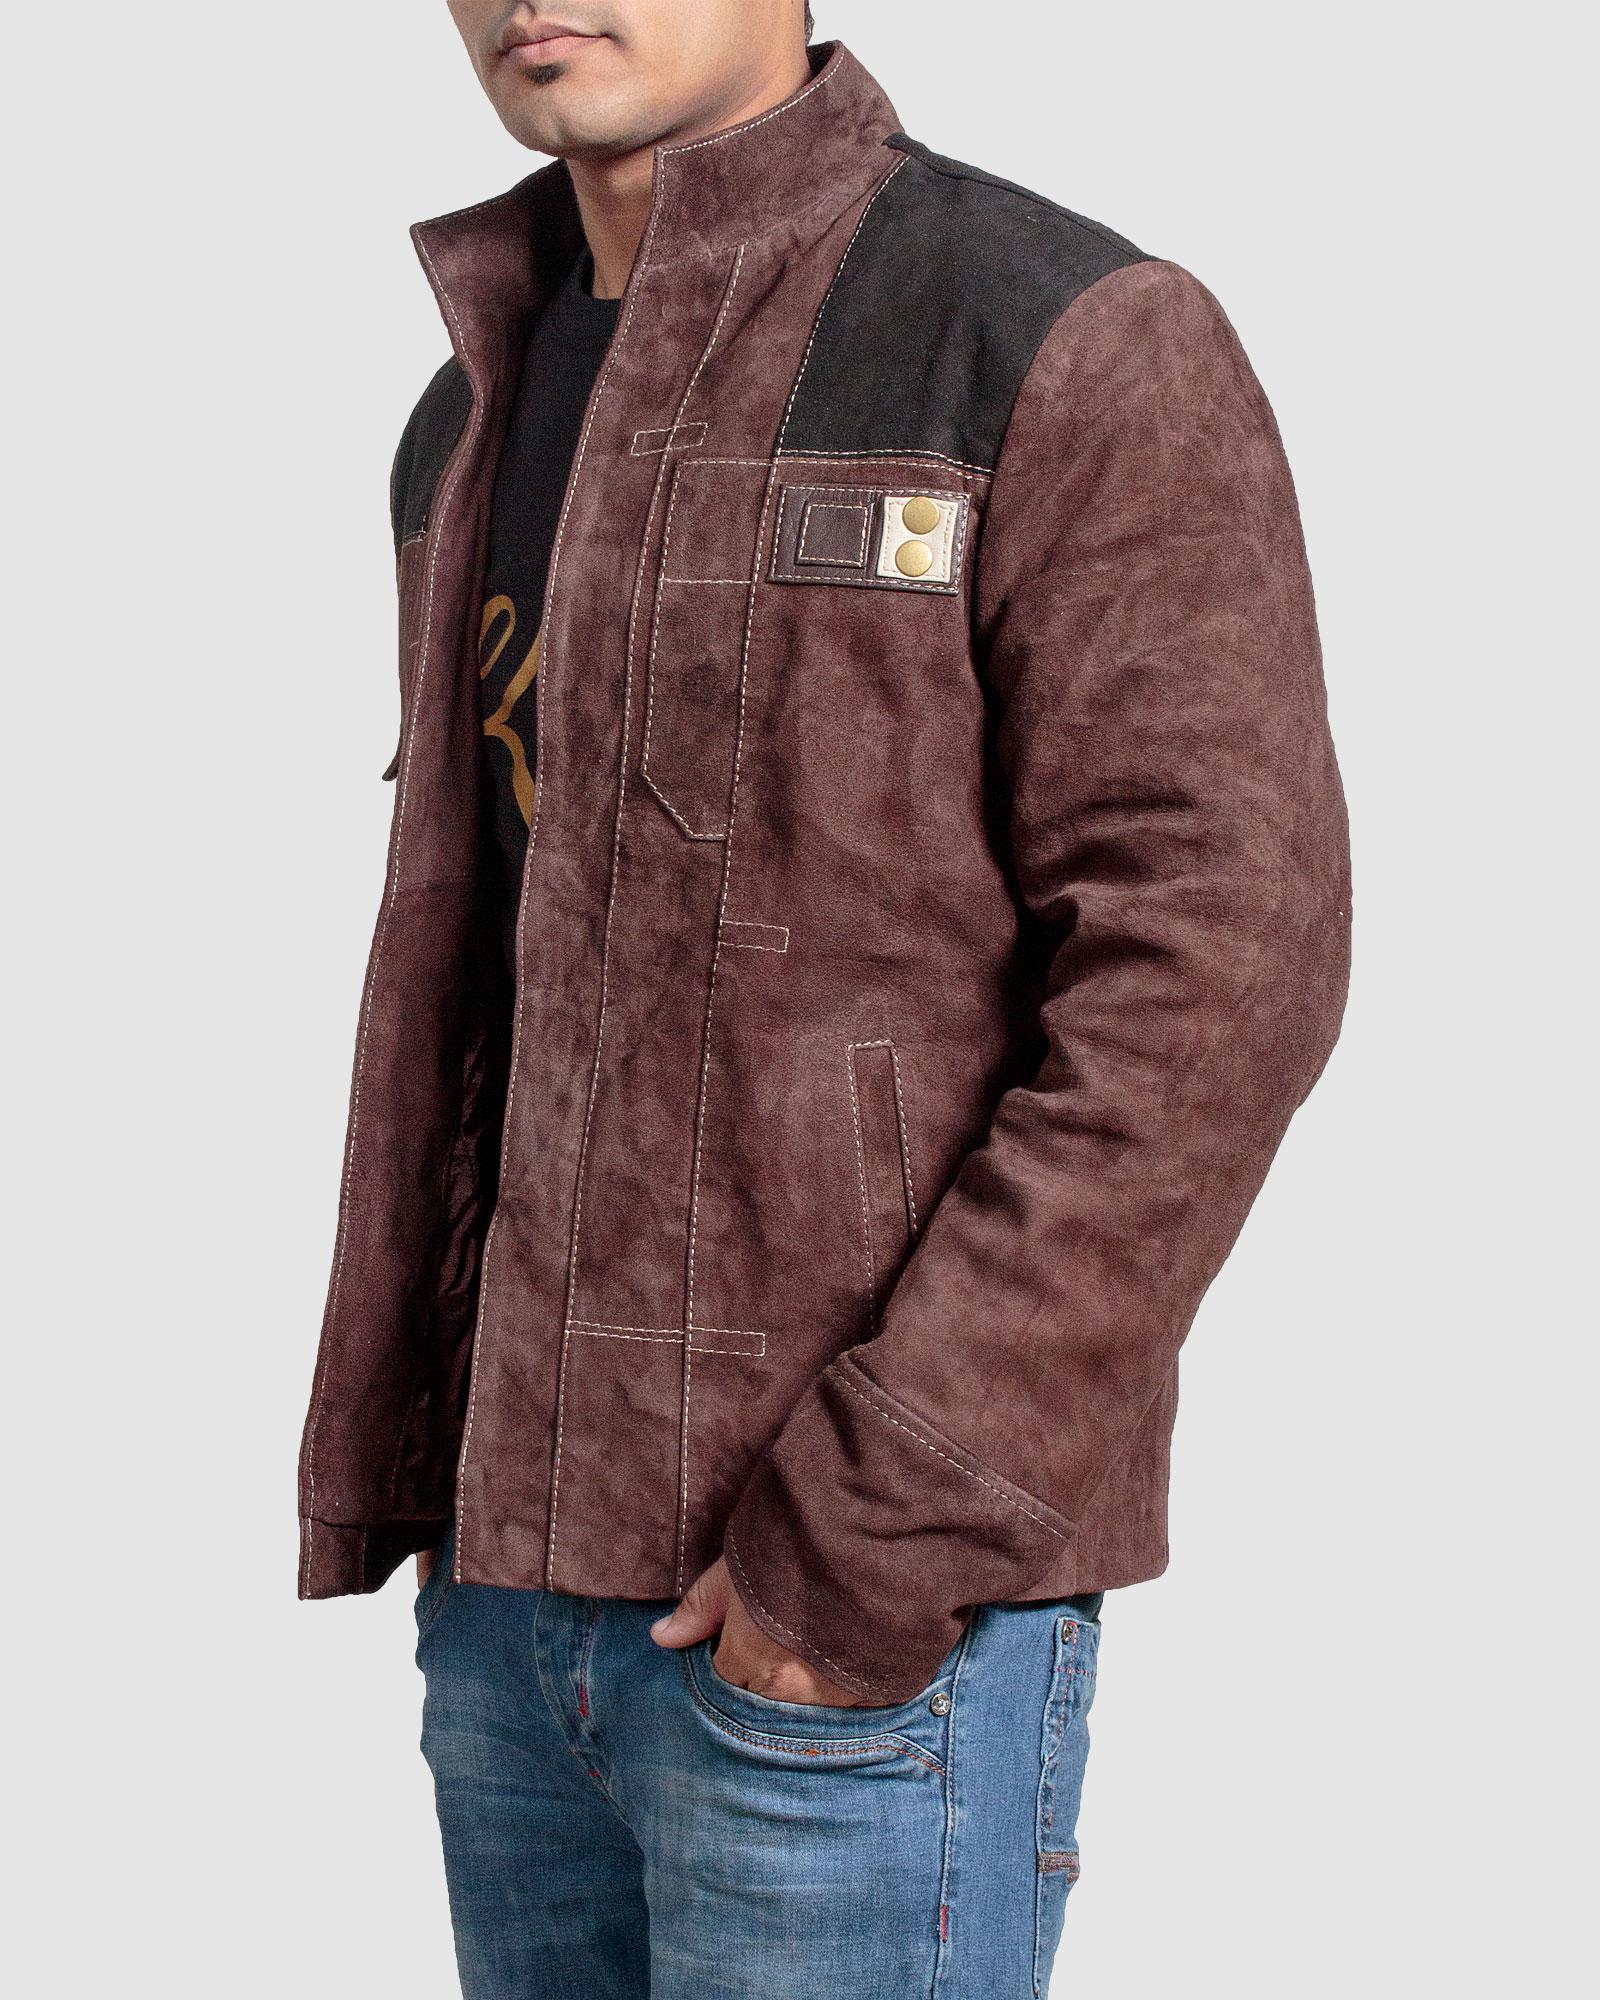 han-solo-jacket-a-star-wars-story-alden-ehrenreich-jacket-c